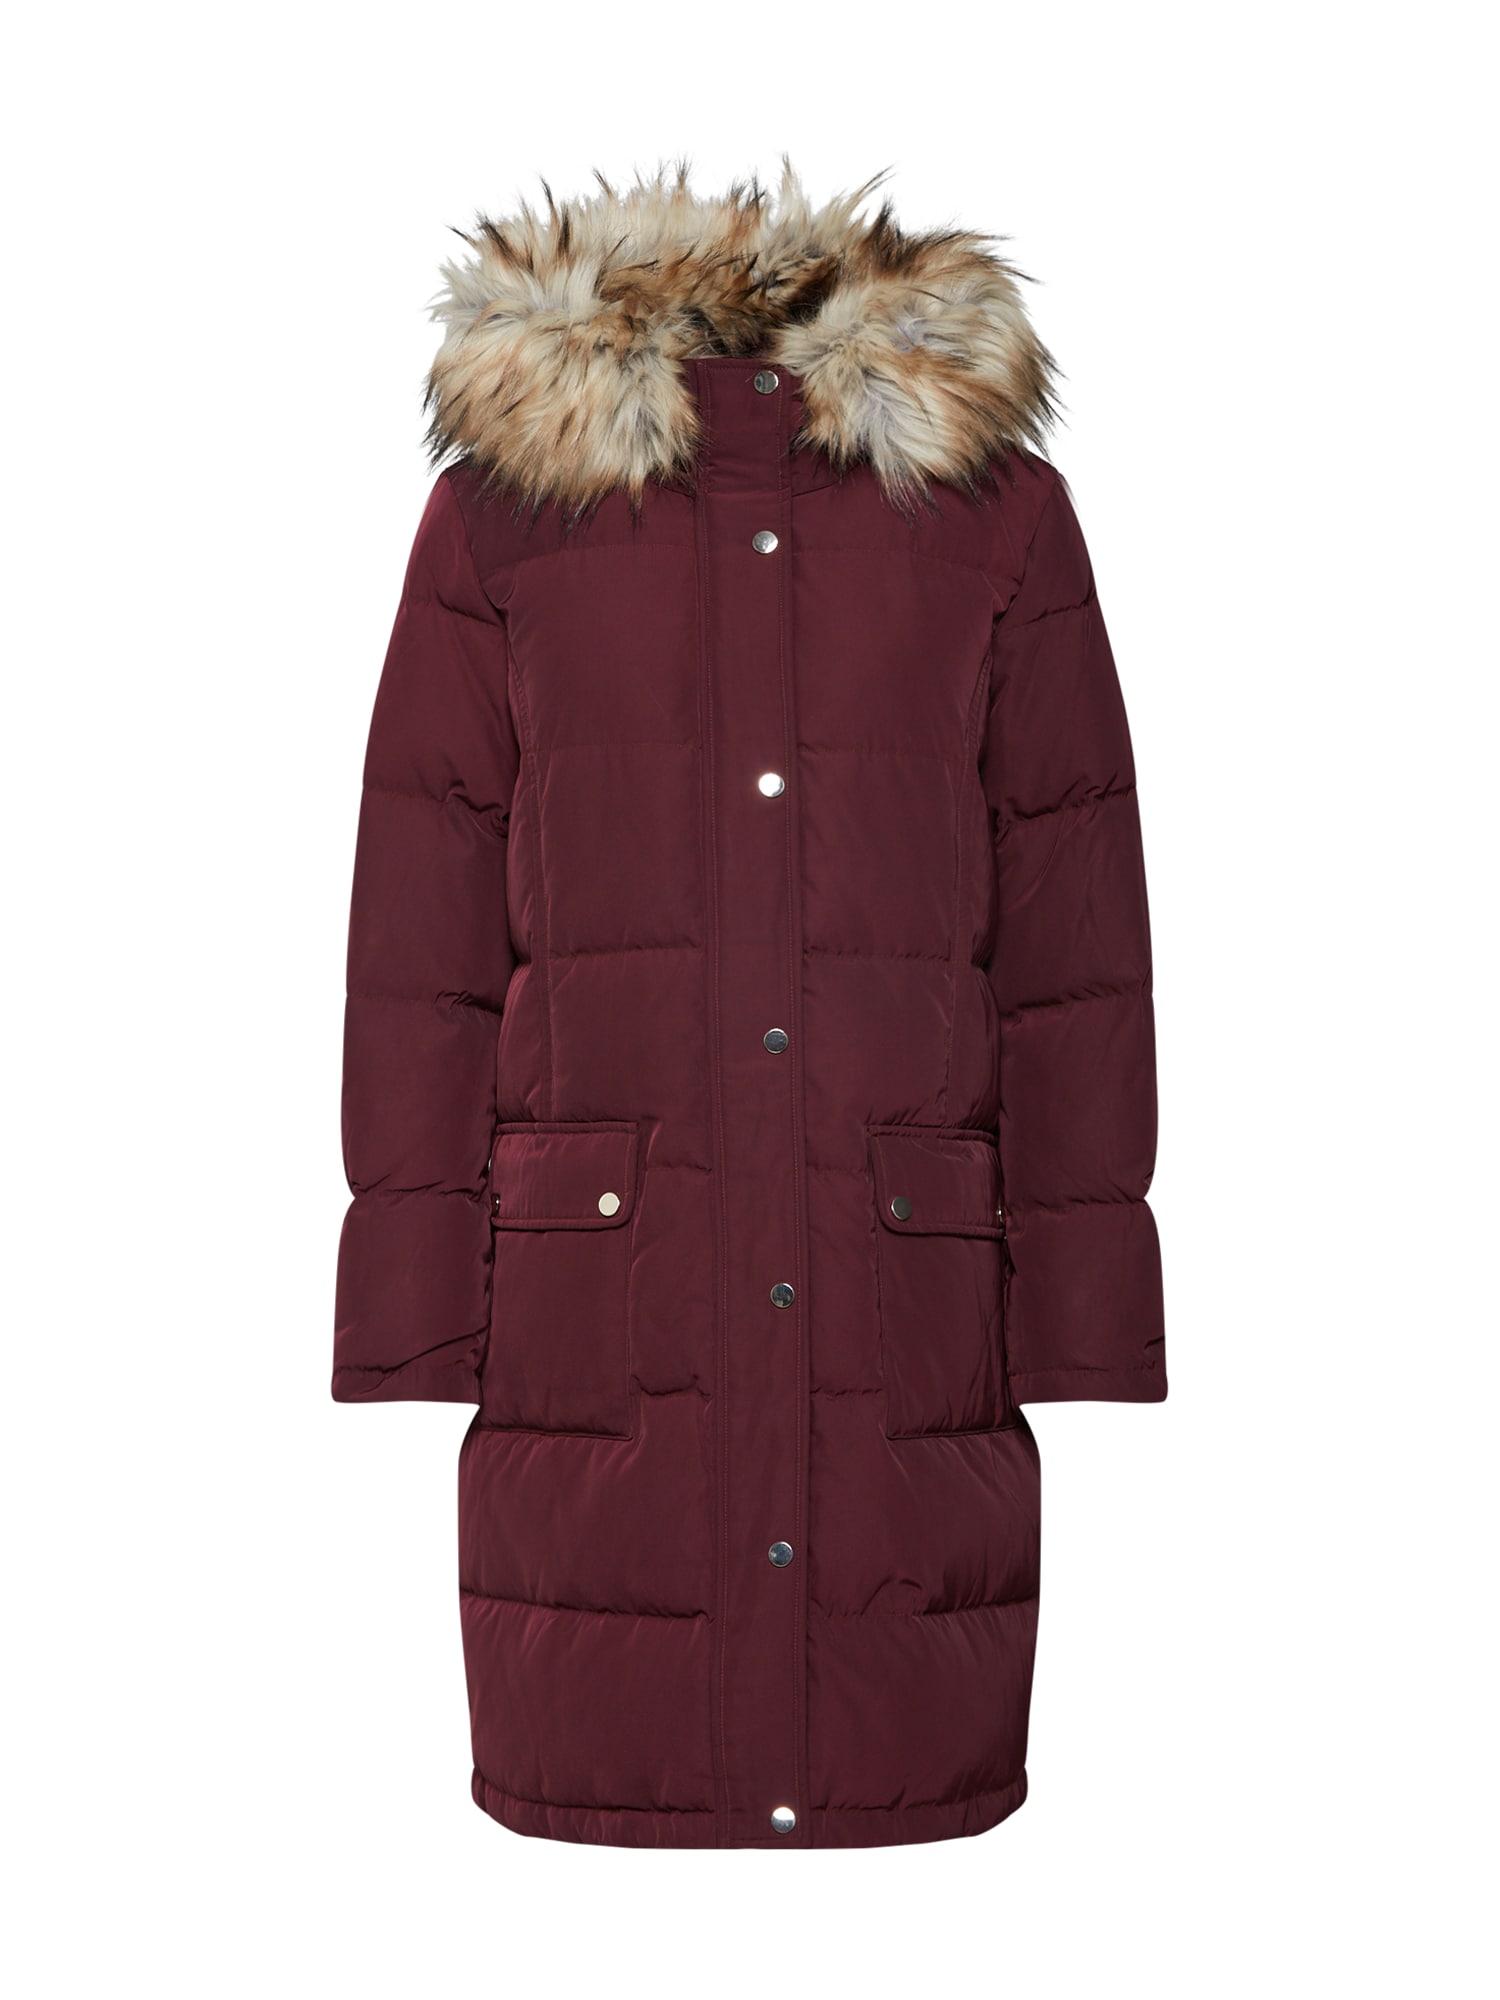 VILA Žieminis paltas 'Vicalifornia' vyno raudona spalva